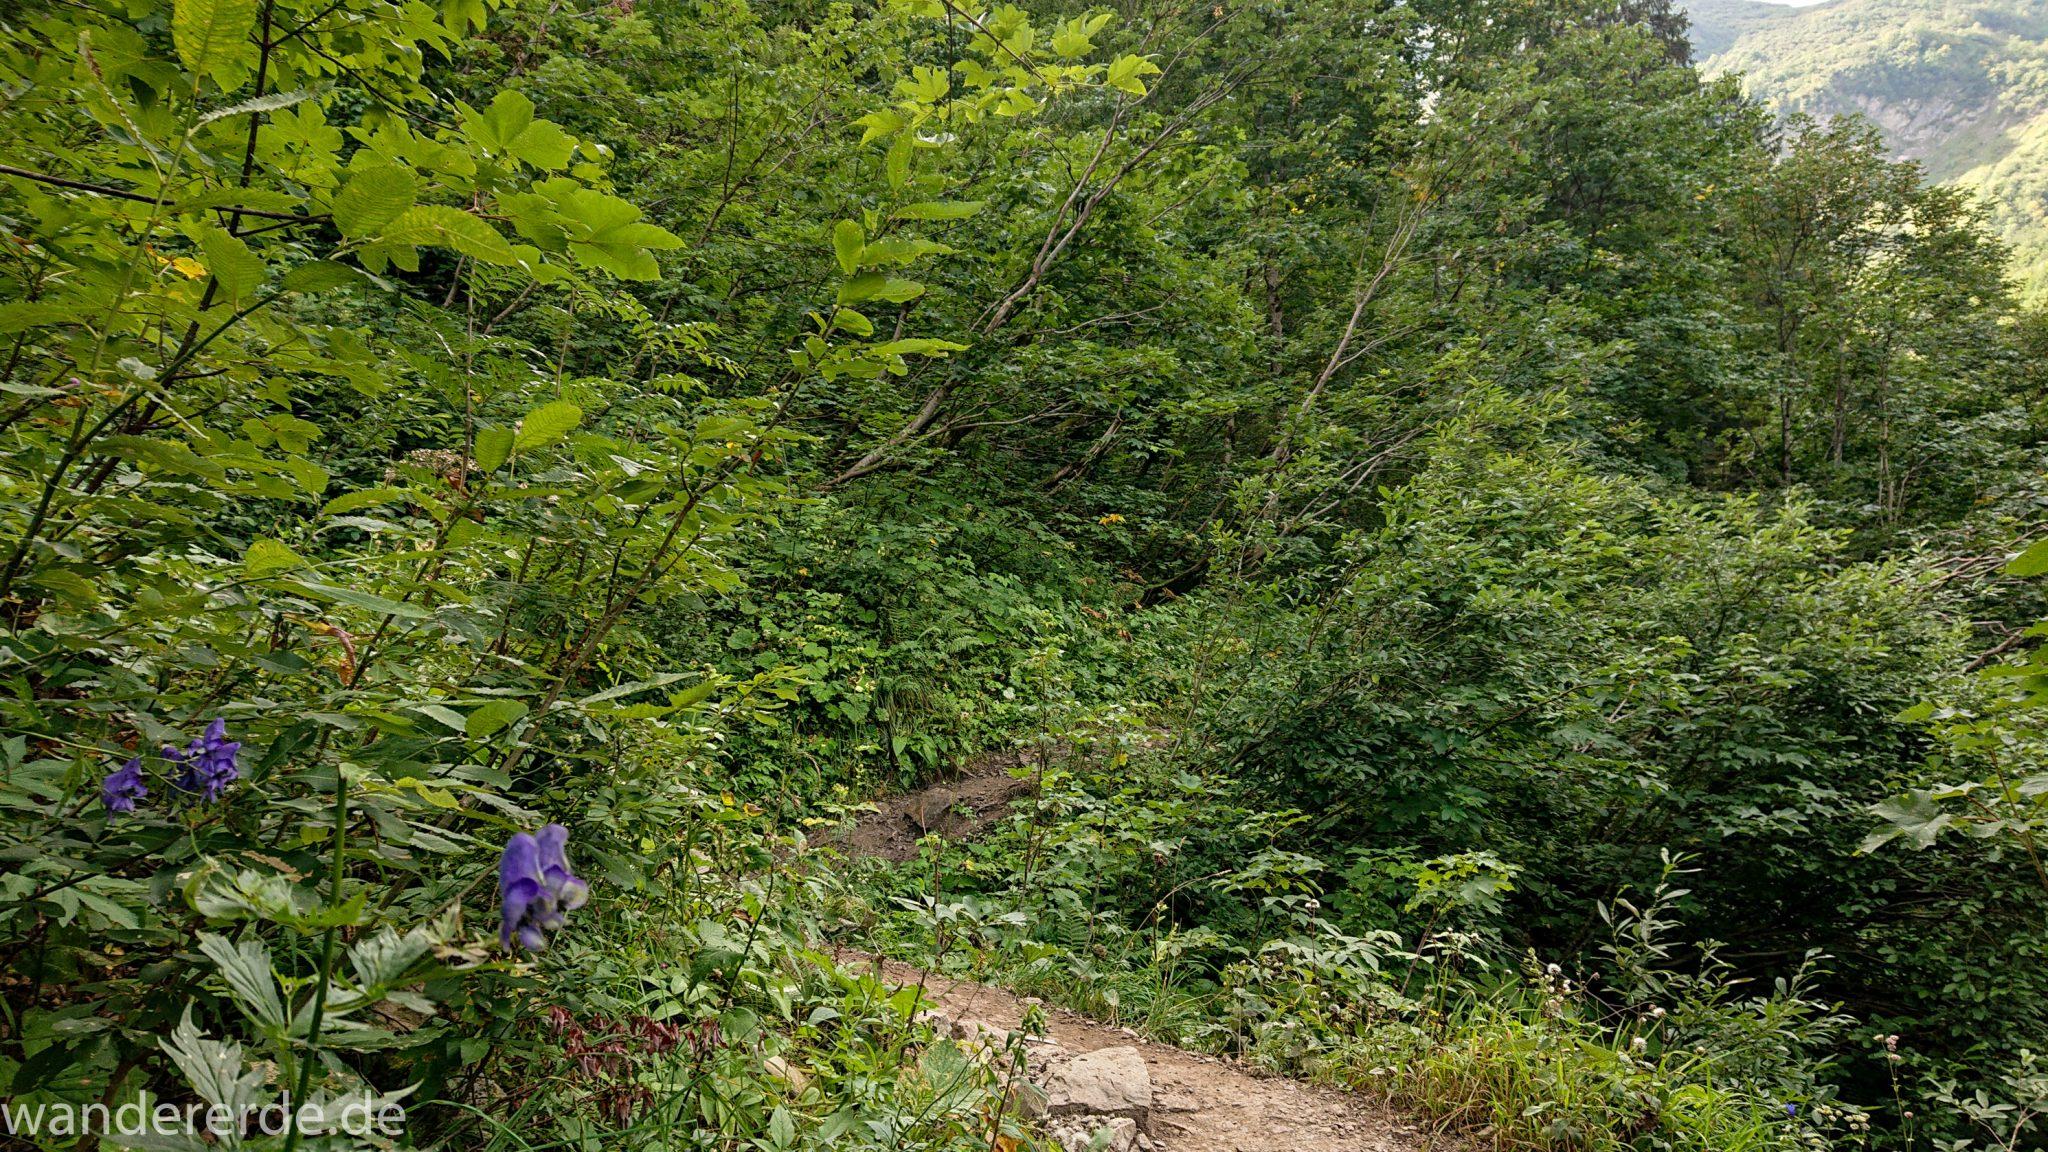 Alpenüberquerung Fernwanderweg E5 Oberstdorf Meran, 1. Etappe von Oberstdorf zur Kemptner Hütte, Wanderweg führt von der Spielmannsau bei Oberstdorf im Allgäu zur Kemptner Hütte  entlang eines schmalen Wanderpfads umgeben von saftig grüner Vegetation, beinahe wie im Dschungel